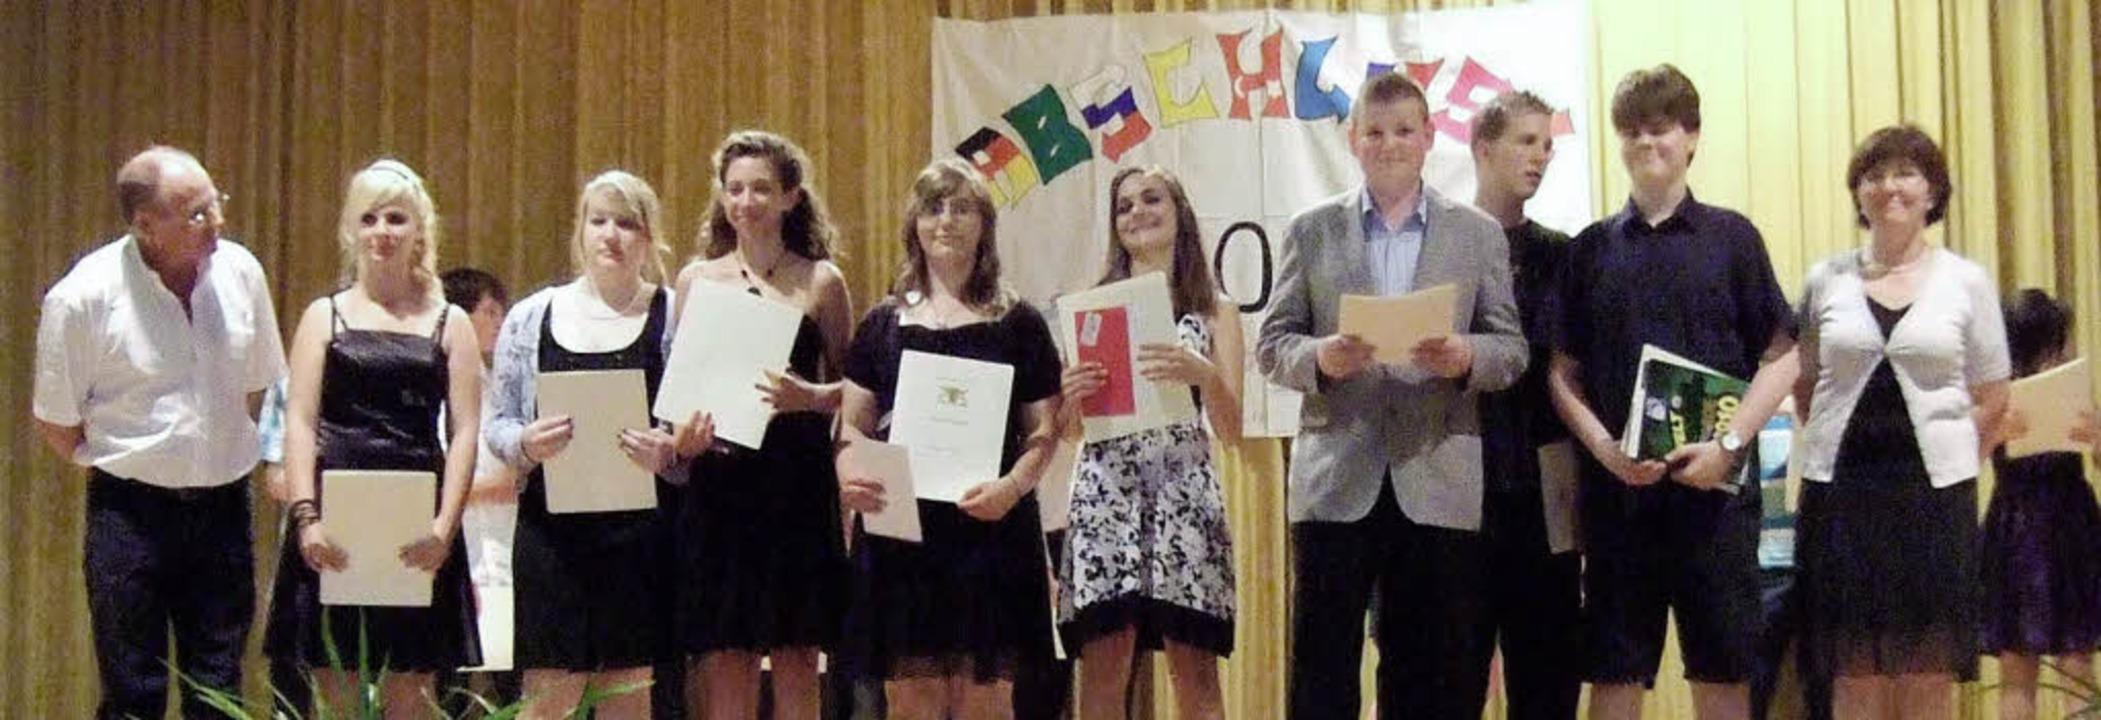 Die besten aus der Reihe der Schulabsolventen wurden mit Preisen ausgezeichnet.  | Foto: Hauptschule kenzingen